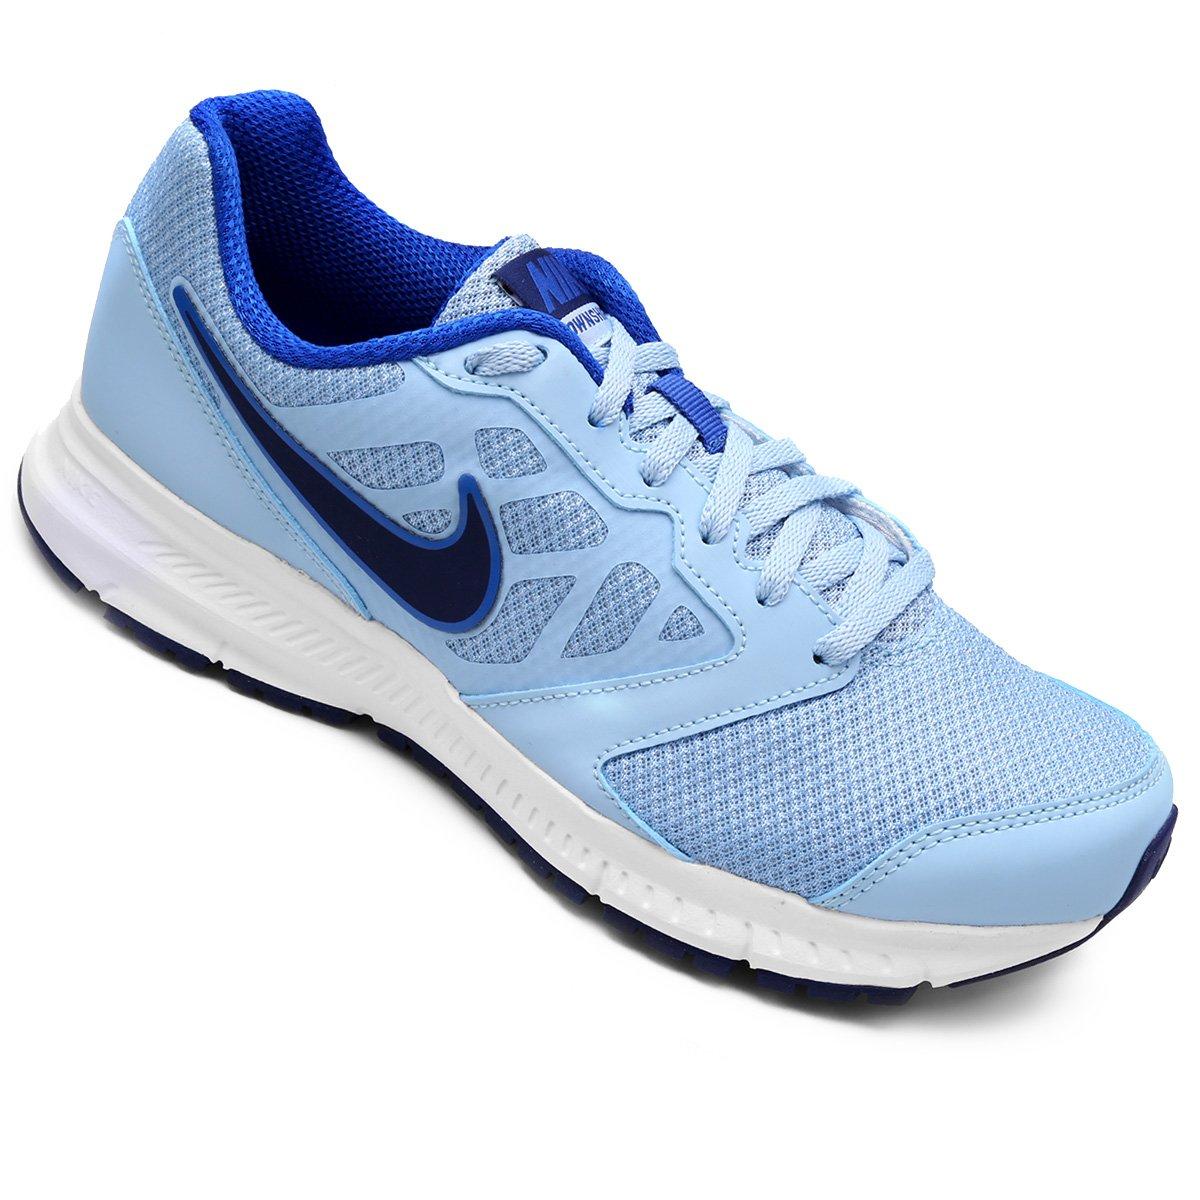 1e2674da68c Tênis Nike Downshifter 6 MSL Feminino - Compre Agora